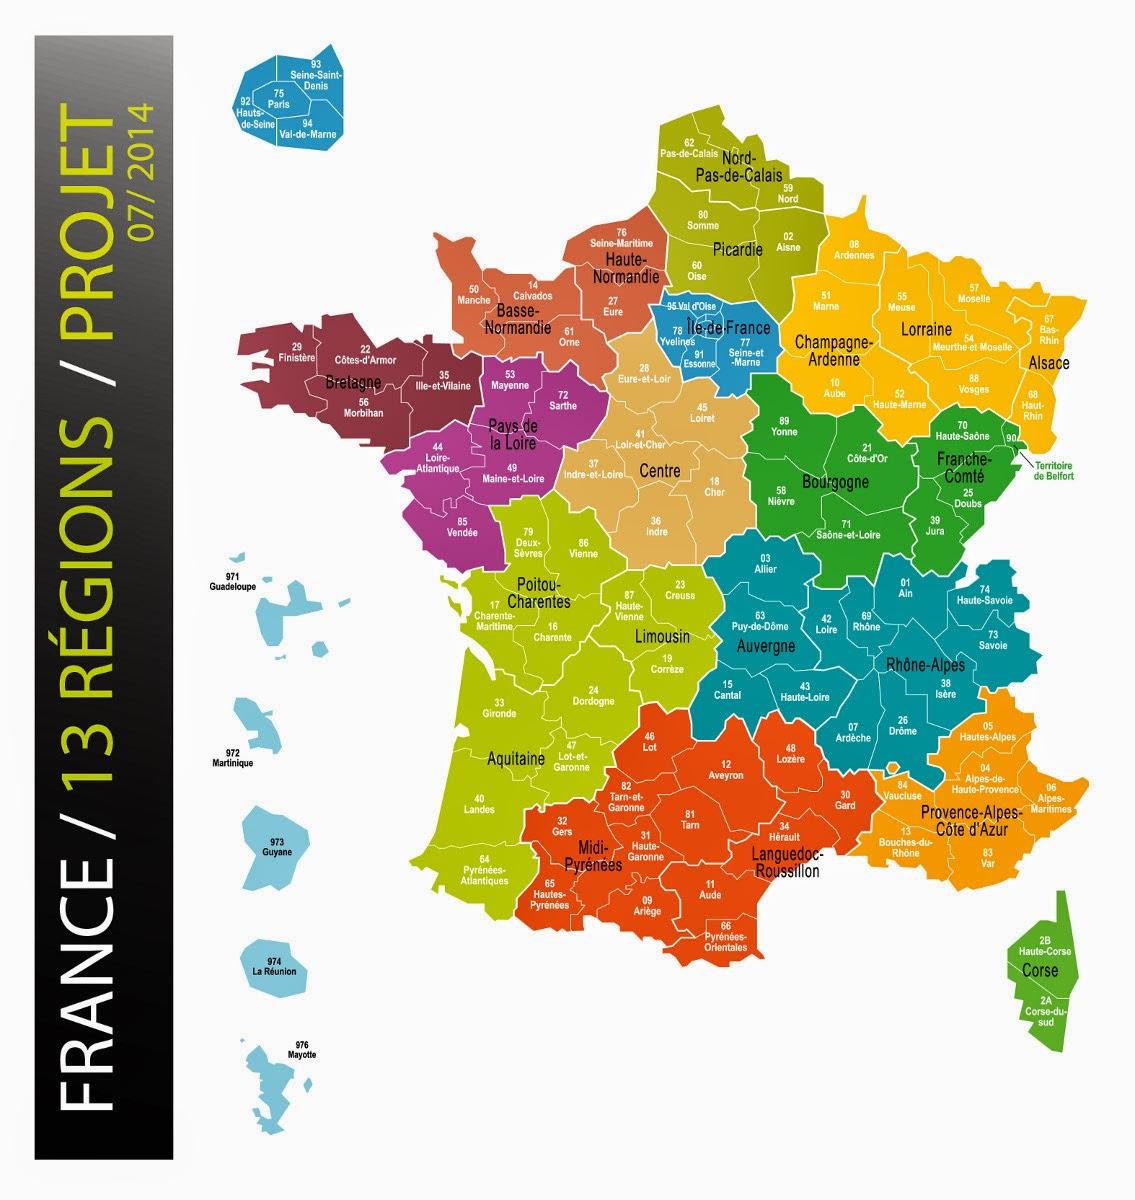 Histoire g ographie de st denis cours et documents plan for B b france carte